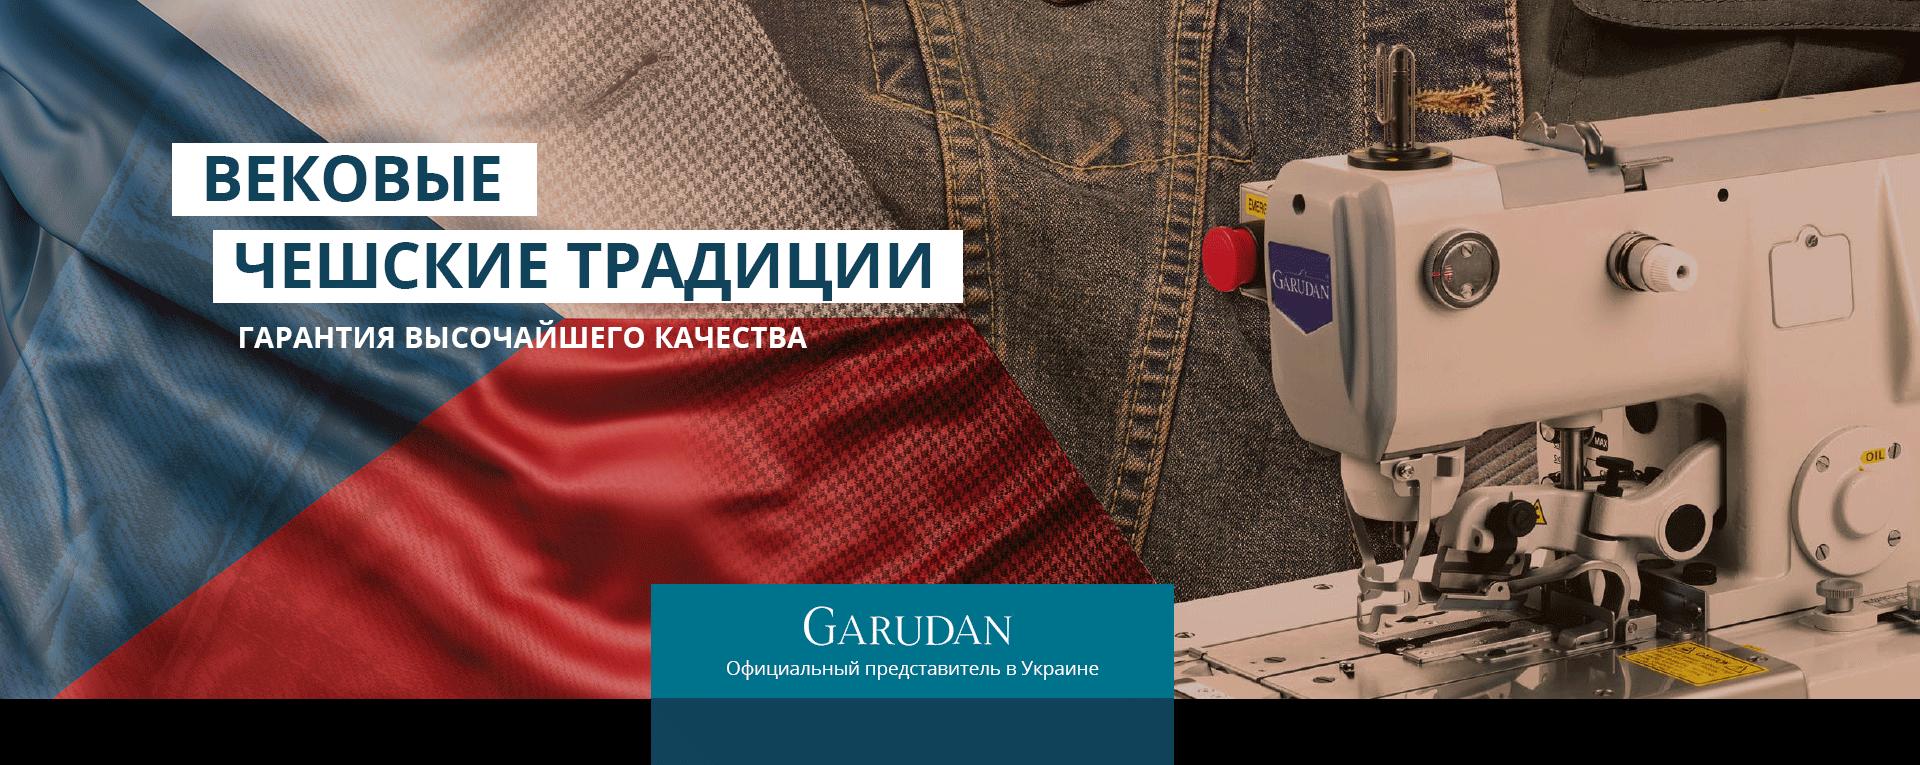 Garudan - оборудование для производства мебели